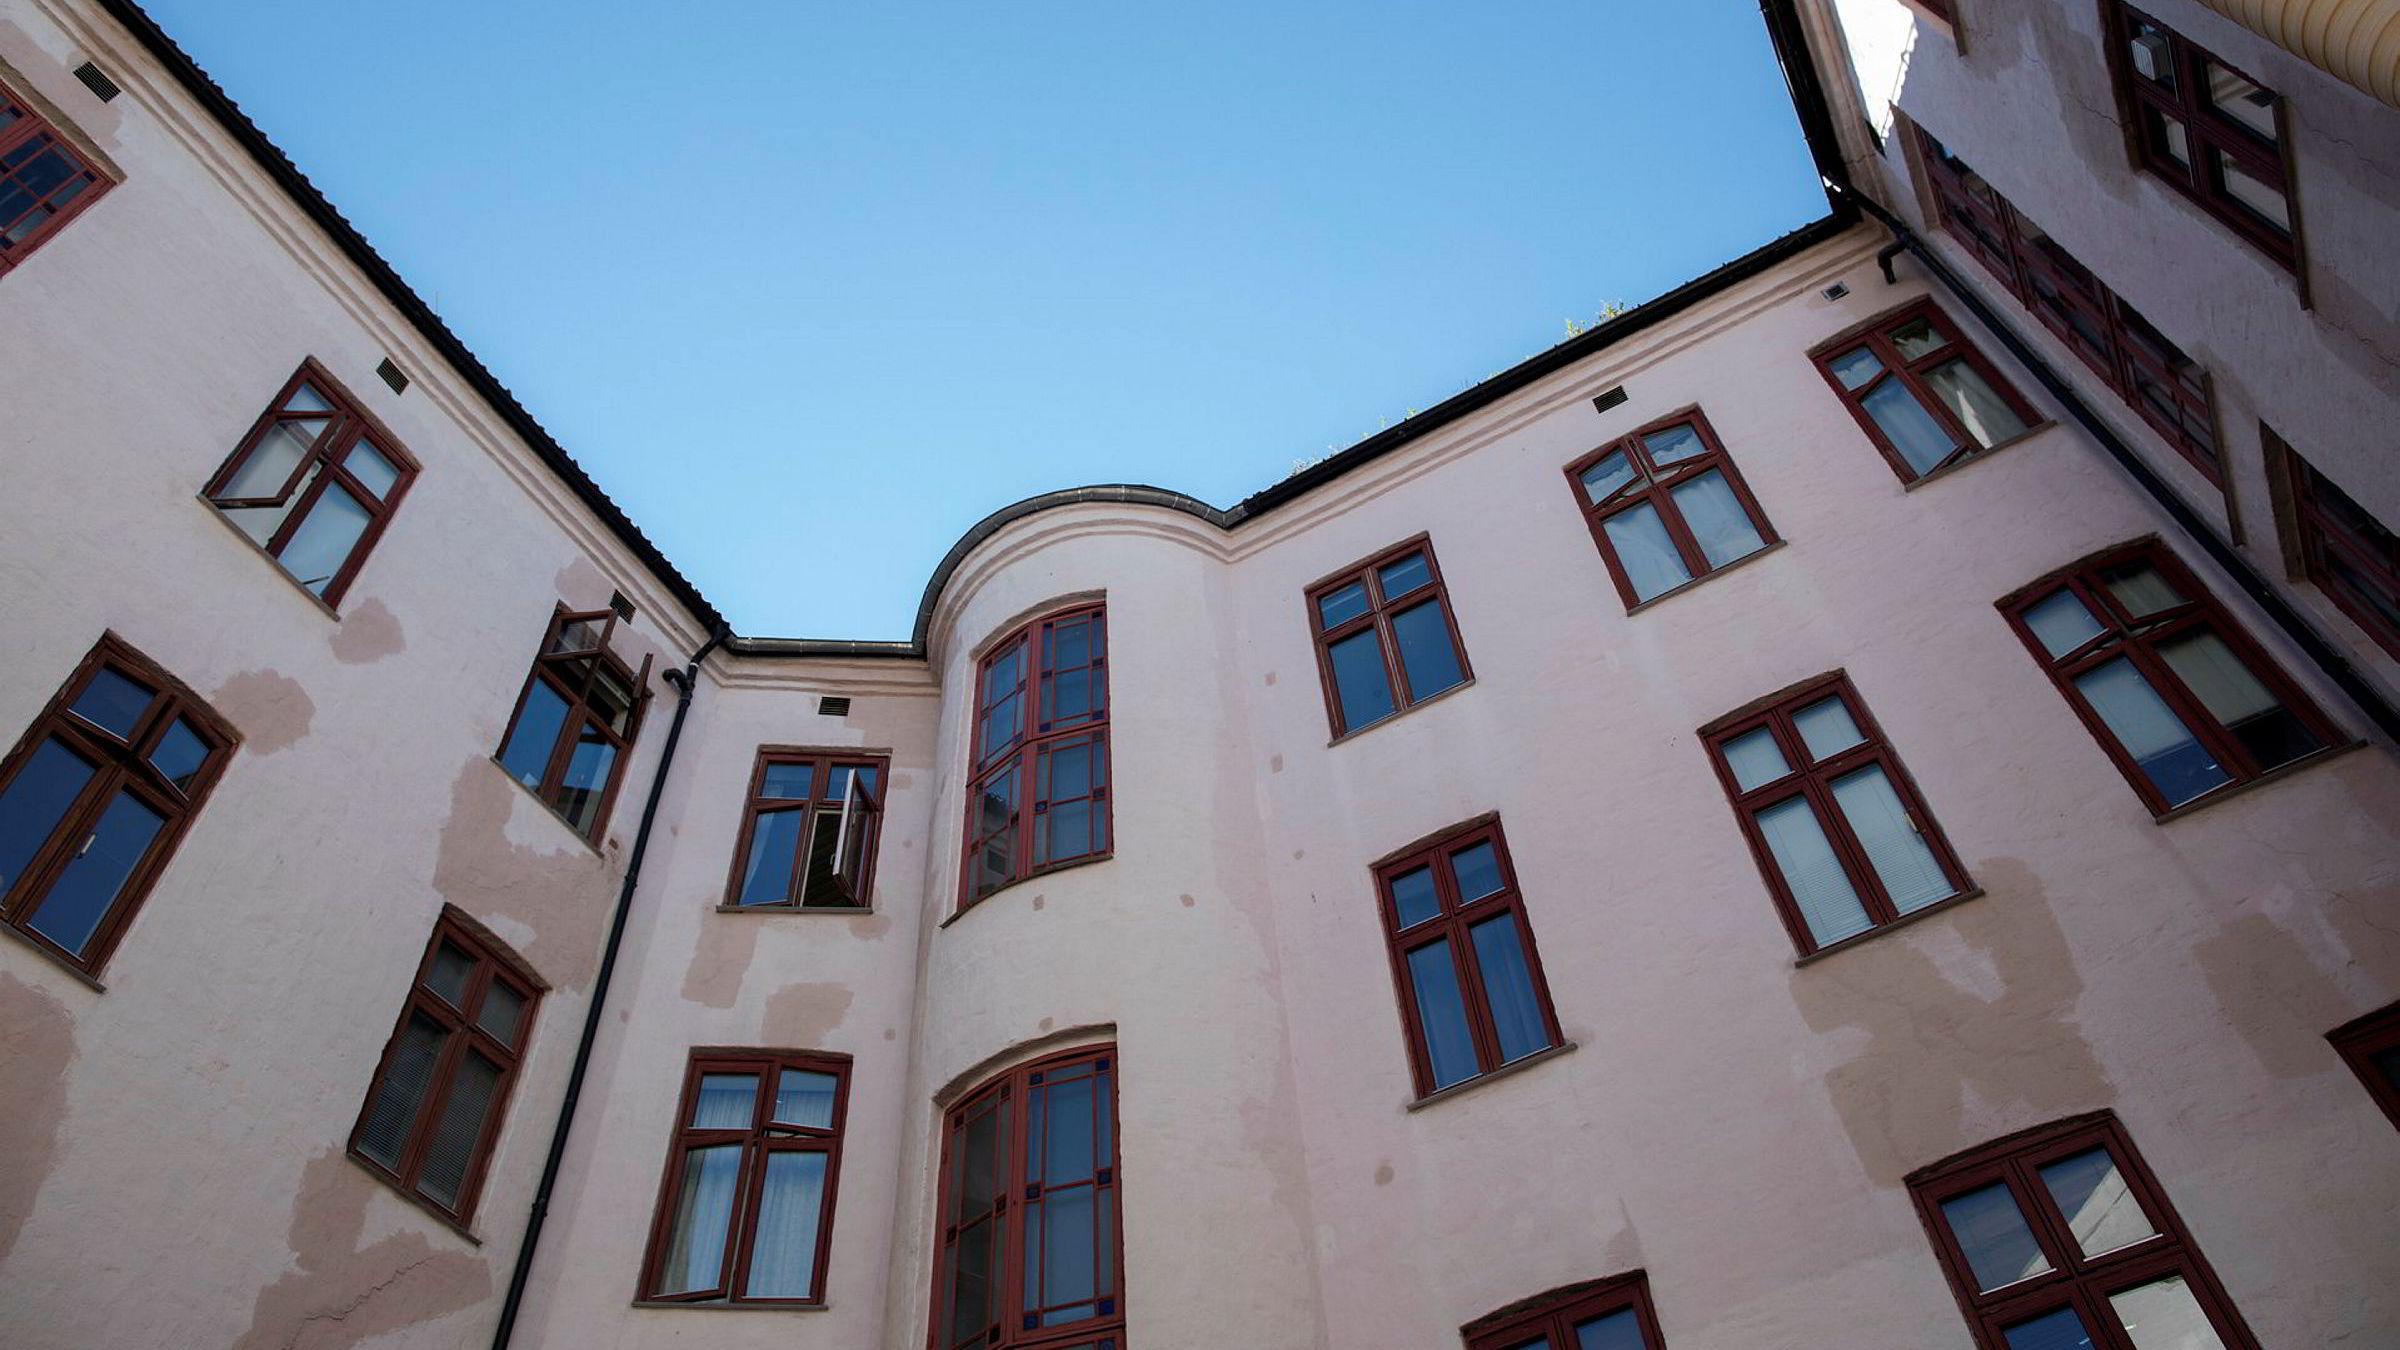 Onsdag legger Eiendom Norge frem den landsomfattende bruktboligprisstatistikken for mai.